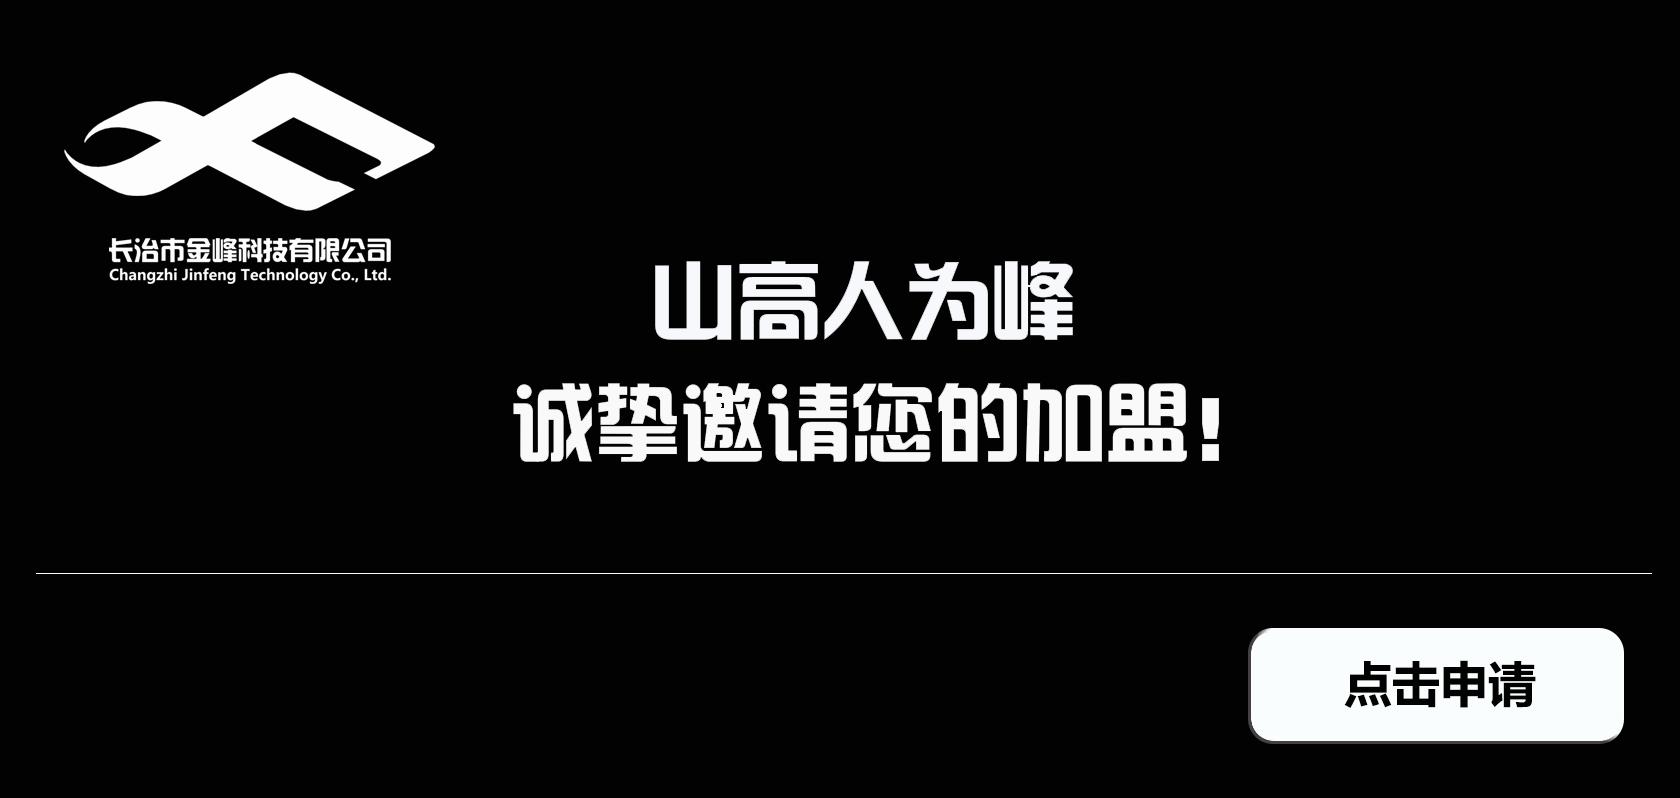 金峰科技微信小程序